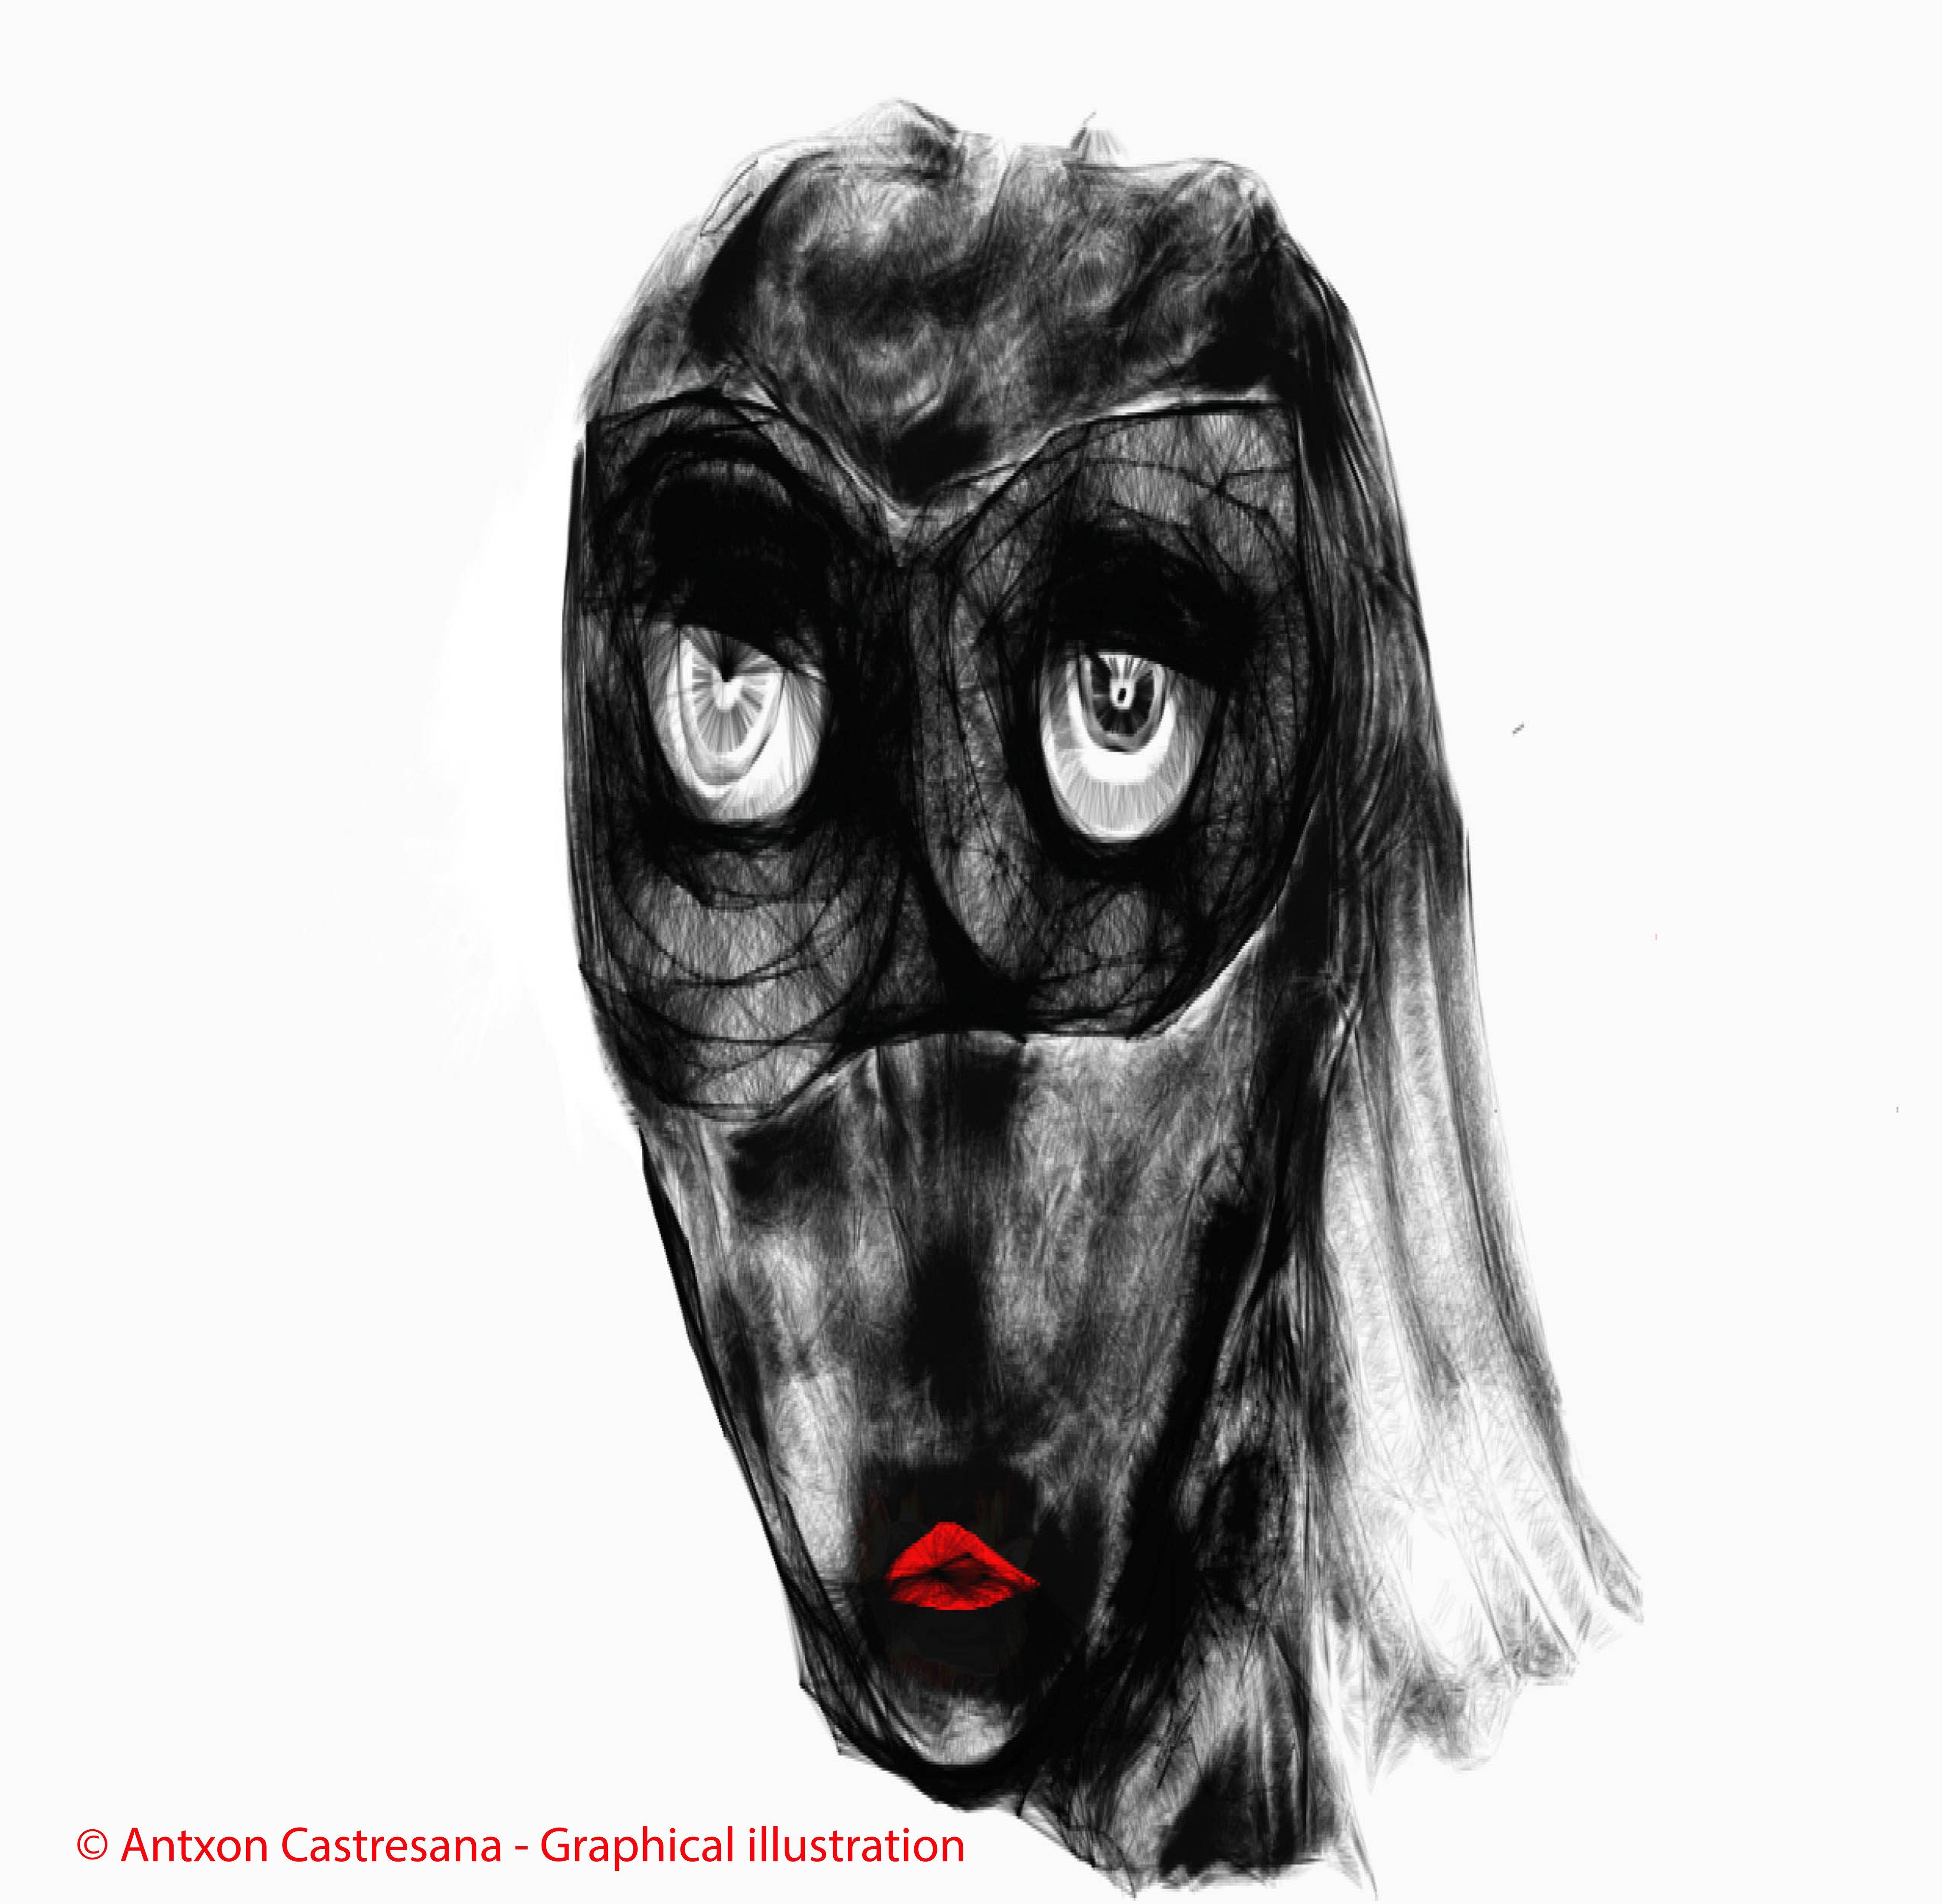 © Antxon Castresana - Graphical illustration como salir de ese pasillo en la hora ,en calma de la media noche. NO puedes tocarme NO puedes olerme NO puedes verme.Que puedo hacer,escribir y escucharte.Pero te puedo sentir.